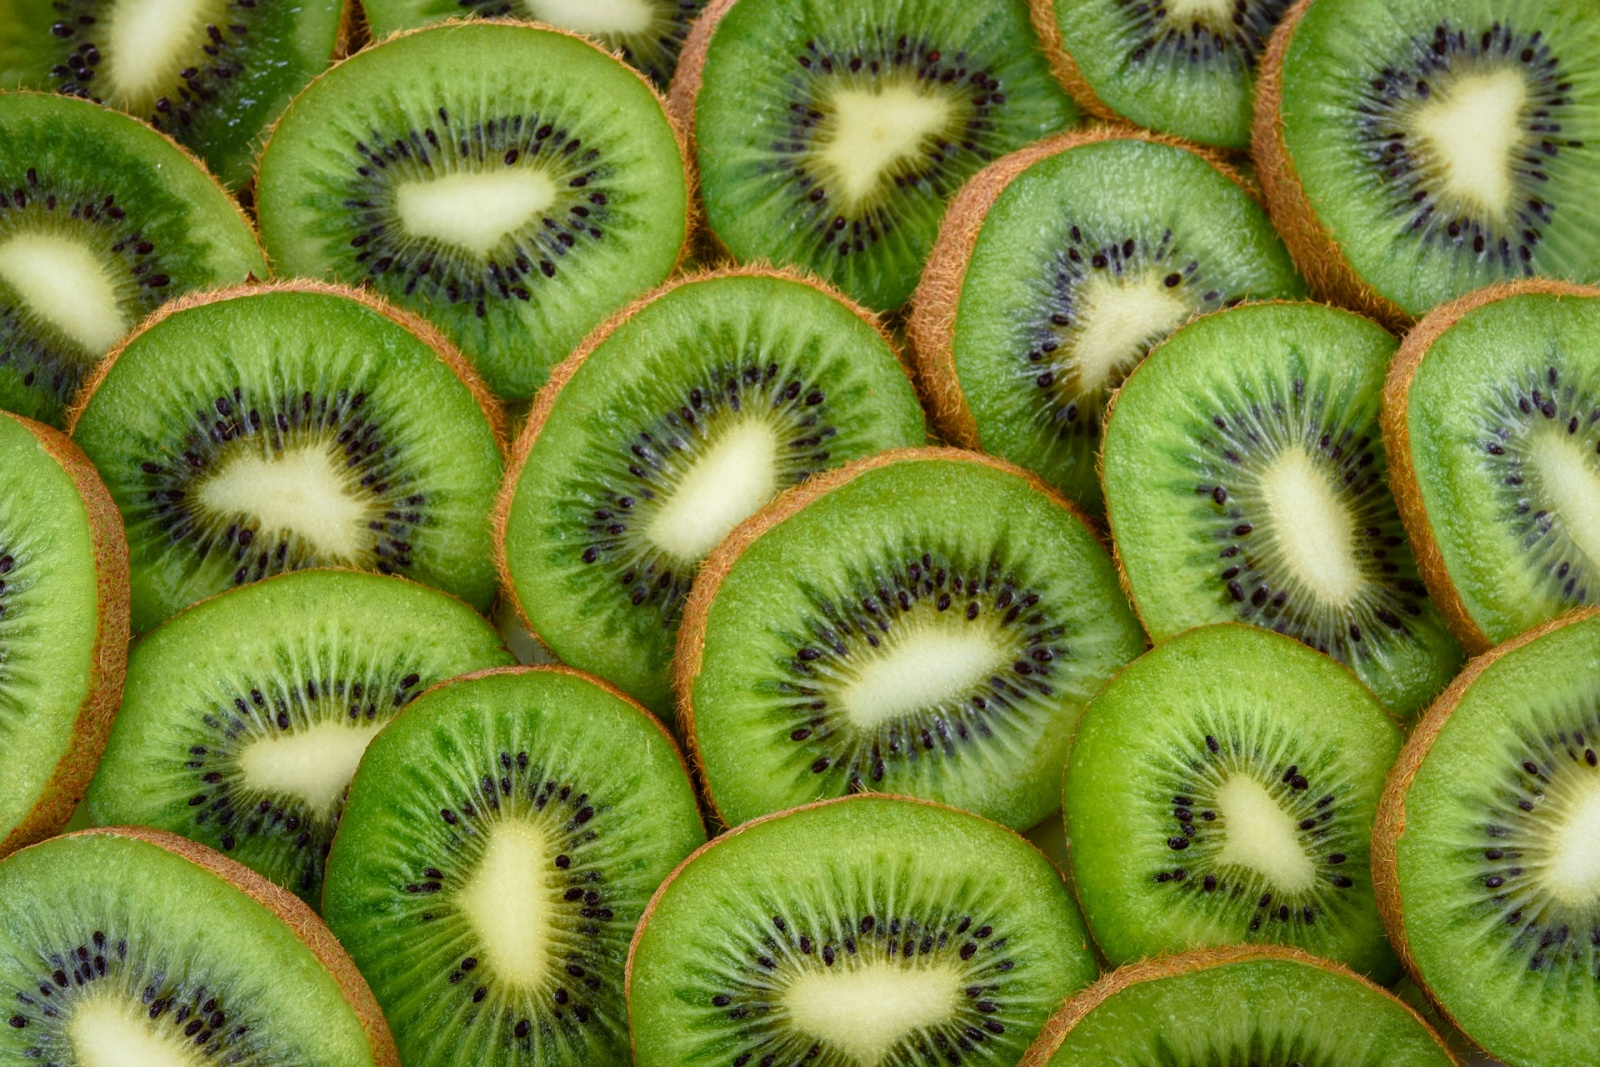 kiwis cut fruit